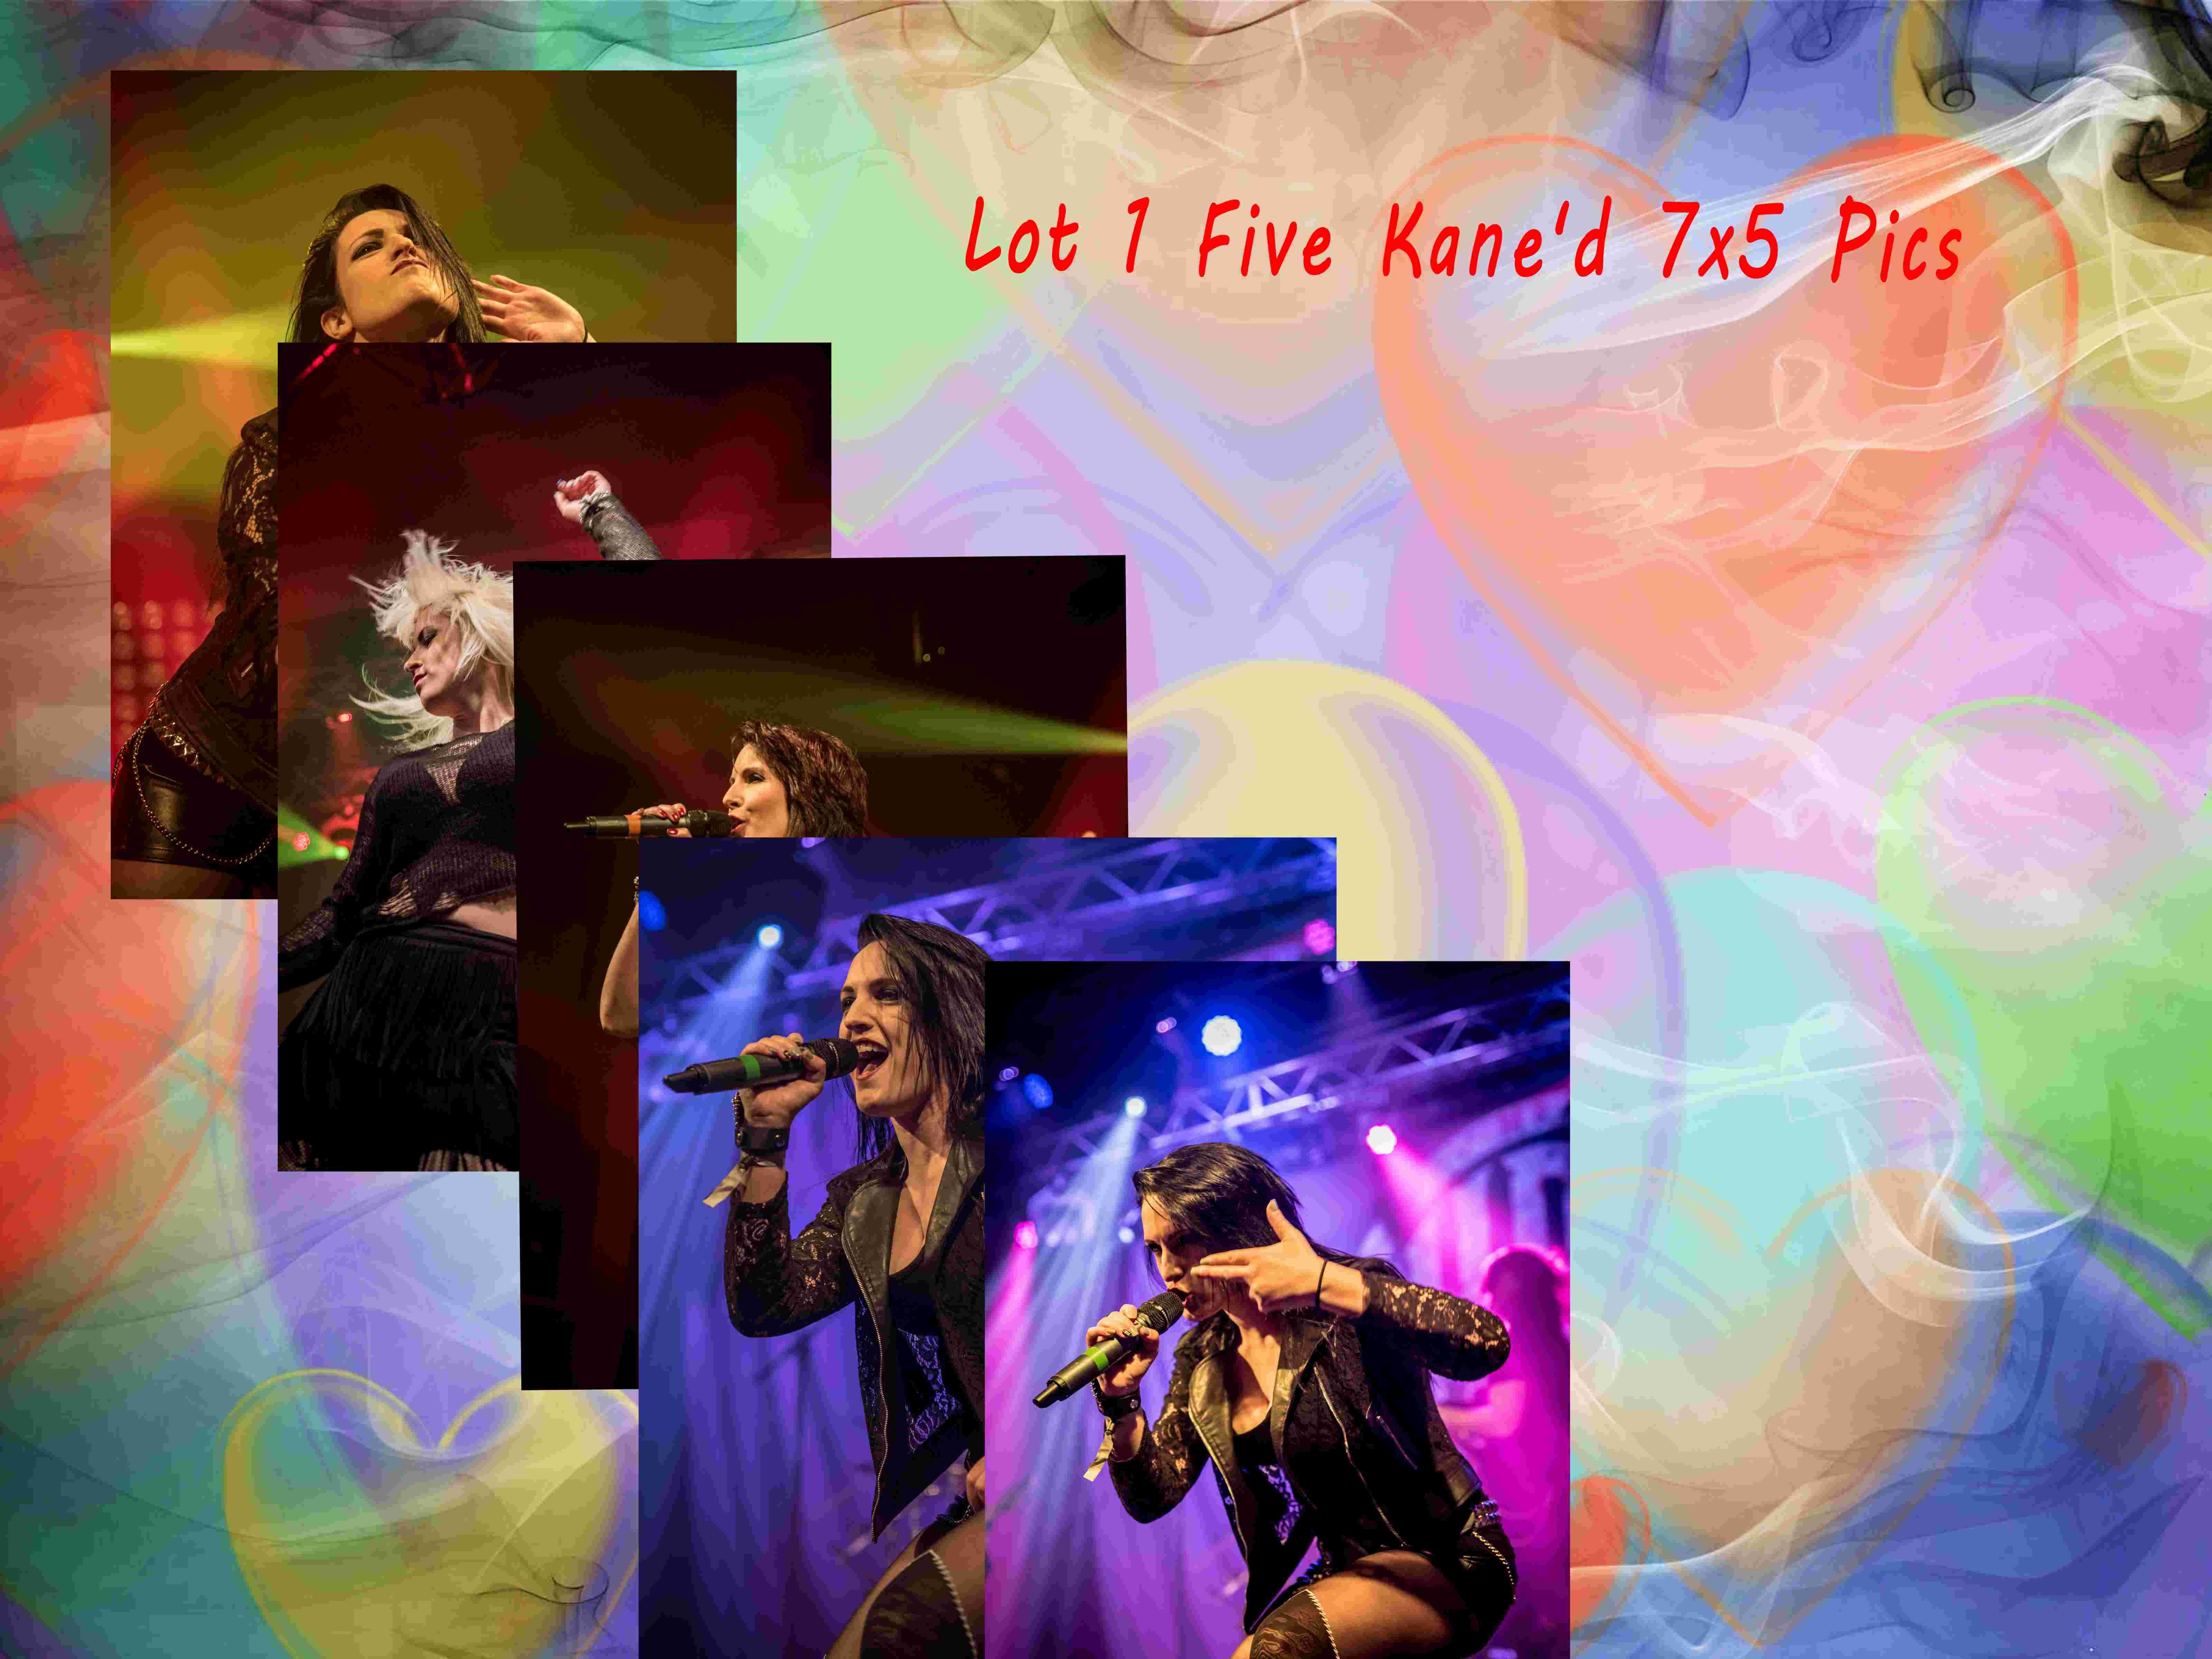 Set 3 Five Kane'd 7X5